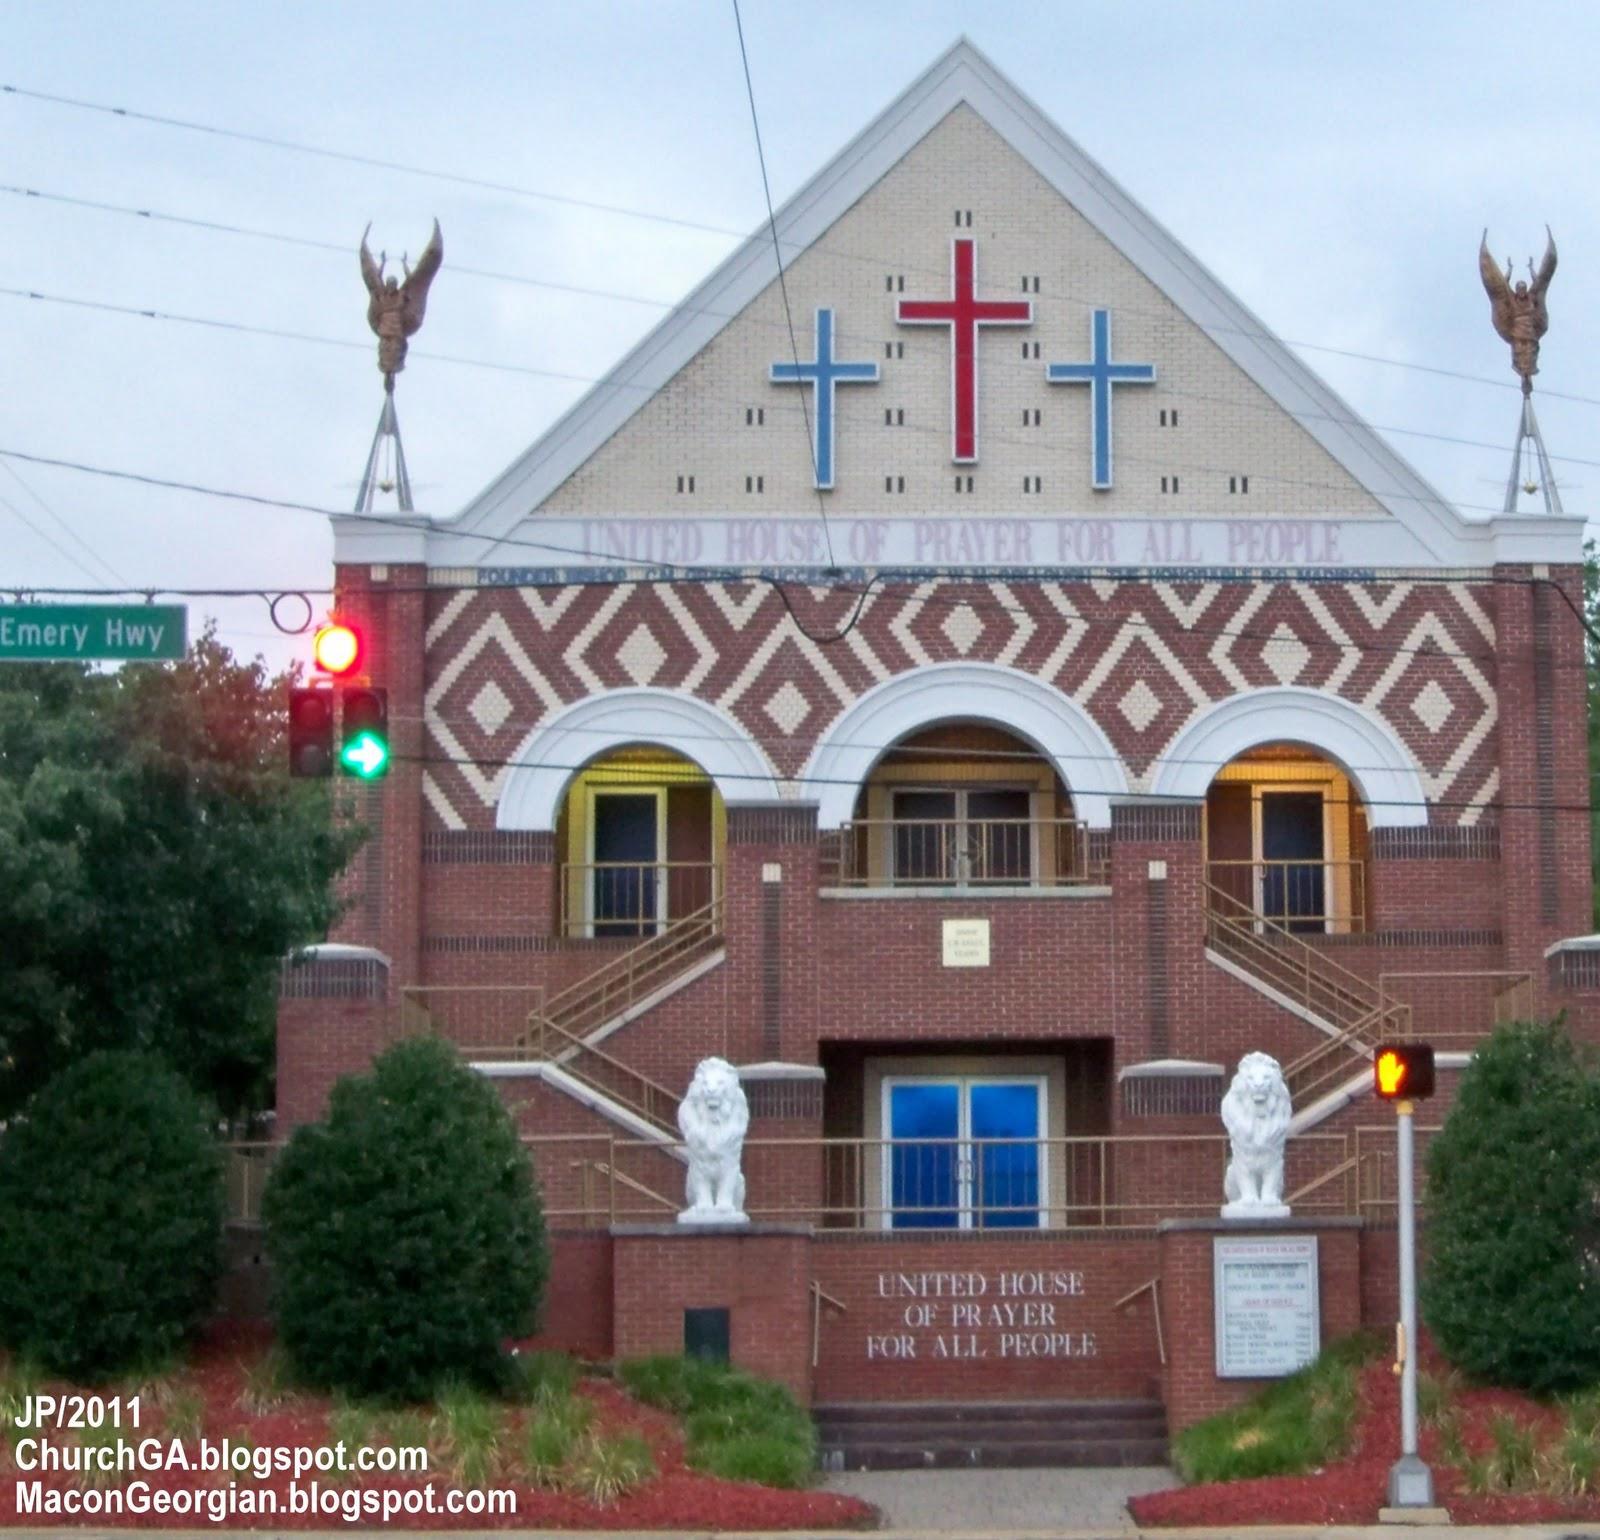 GA.FL.AL.Church First Baptist United Methodist Jehovah